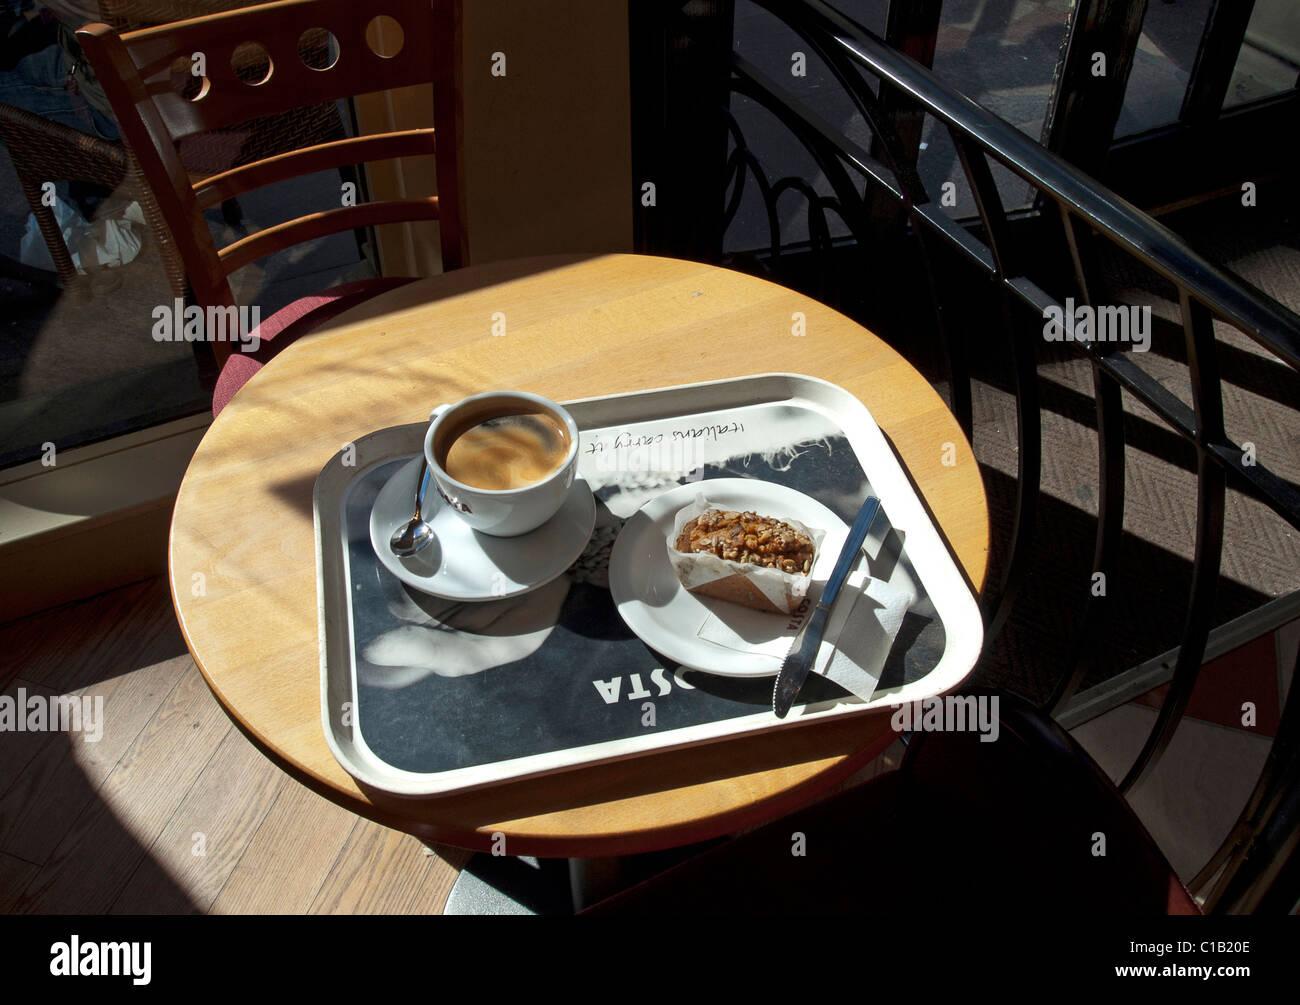 Tasse Kaffee und Kuchen auf Tablett verzehrfertig ist Stockbild